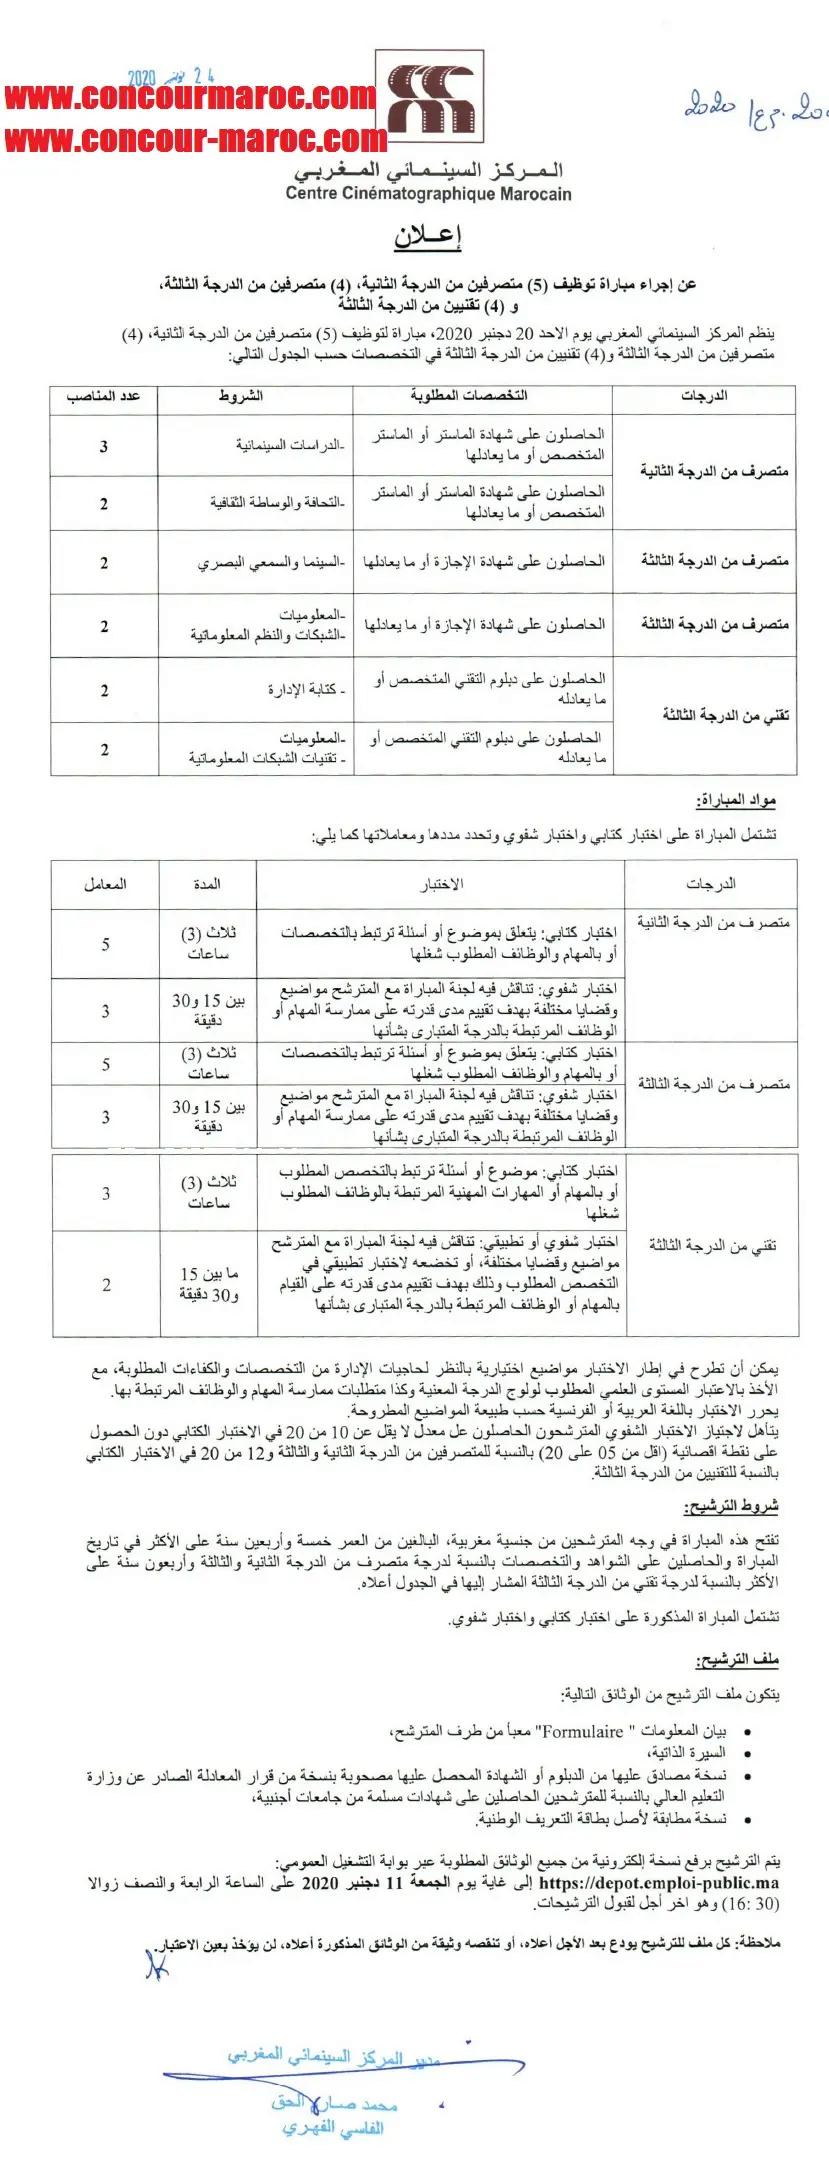 المركز السينمائي المغربي مباراة توظيف 13 منصب في مختلف الدرجات و التخصصات آخر أجل 11 دجنبر 2020 Aaa_ao30